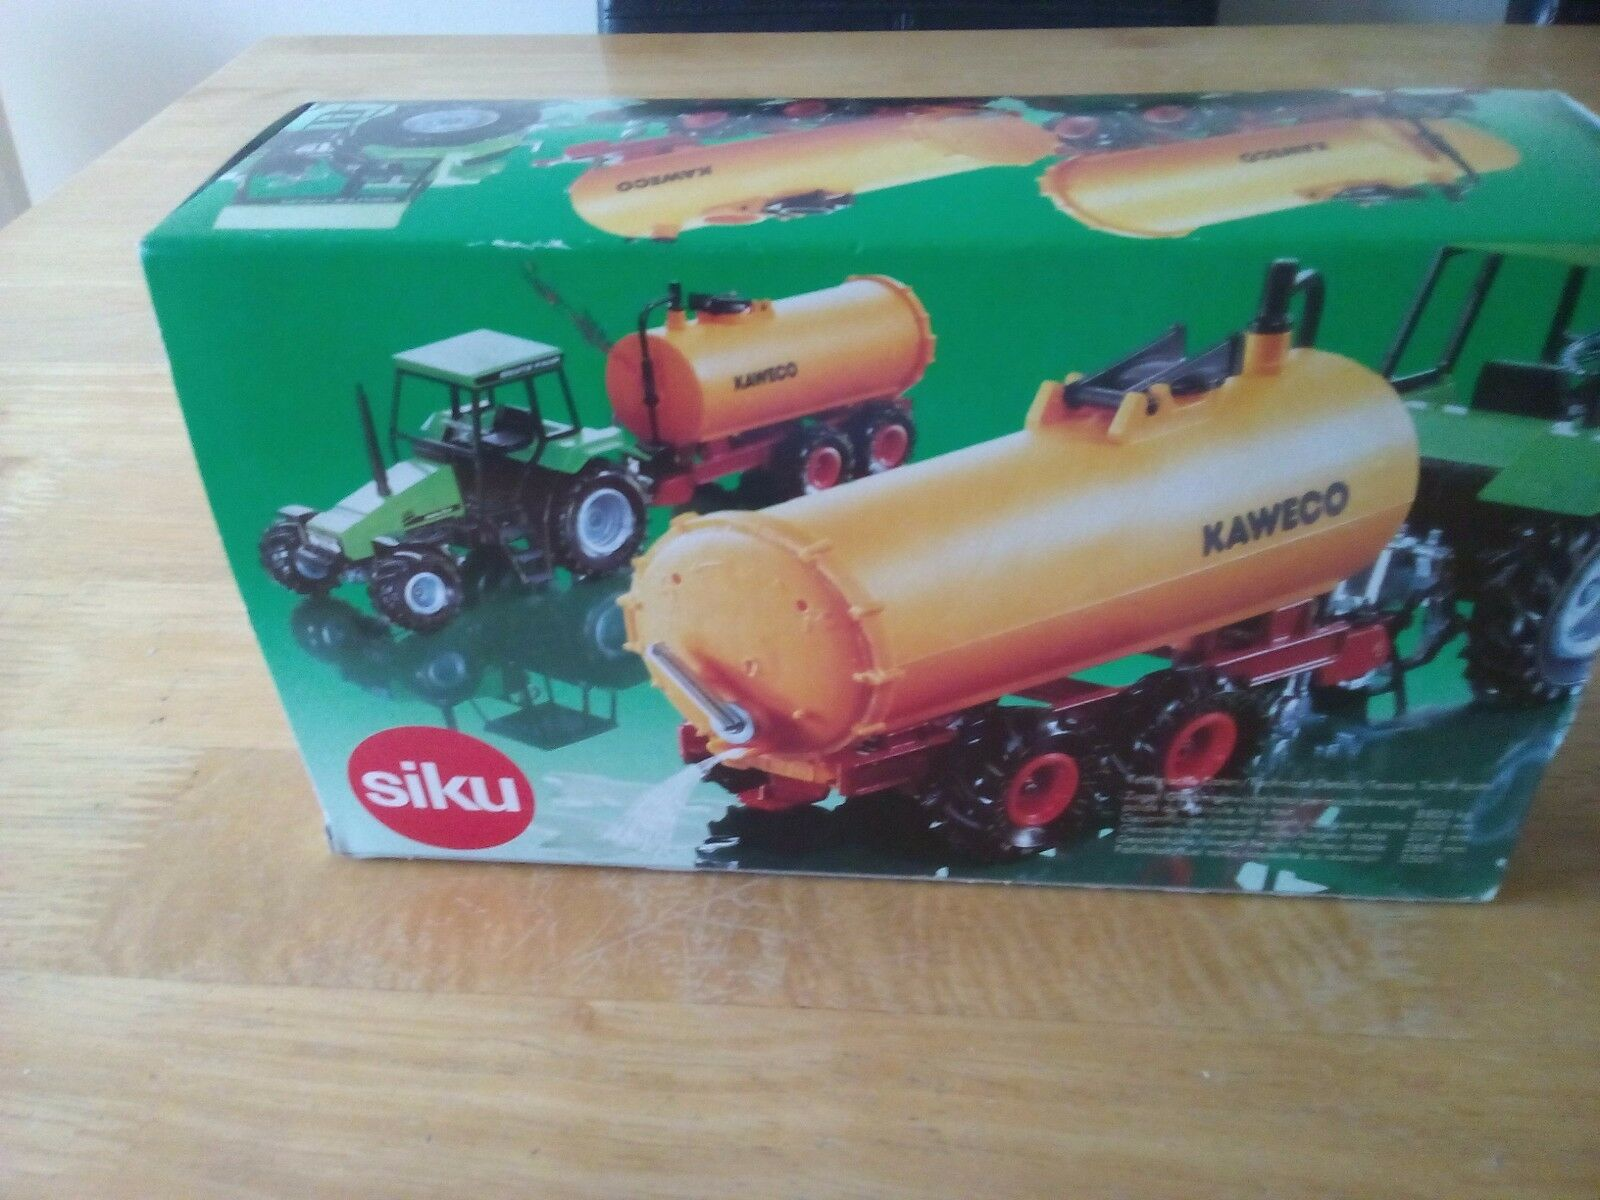 Cadeau spécial à vous spécial SIKU SIKU SIKU Modèle 2252 Kaweco in box FARMER SERIE 1; 32 | Sélection Large  9cd26d